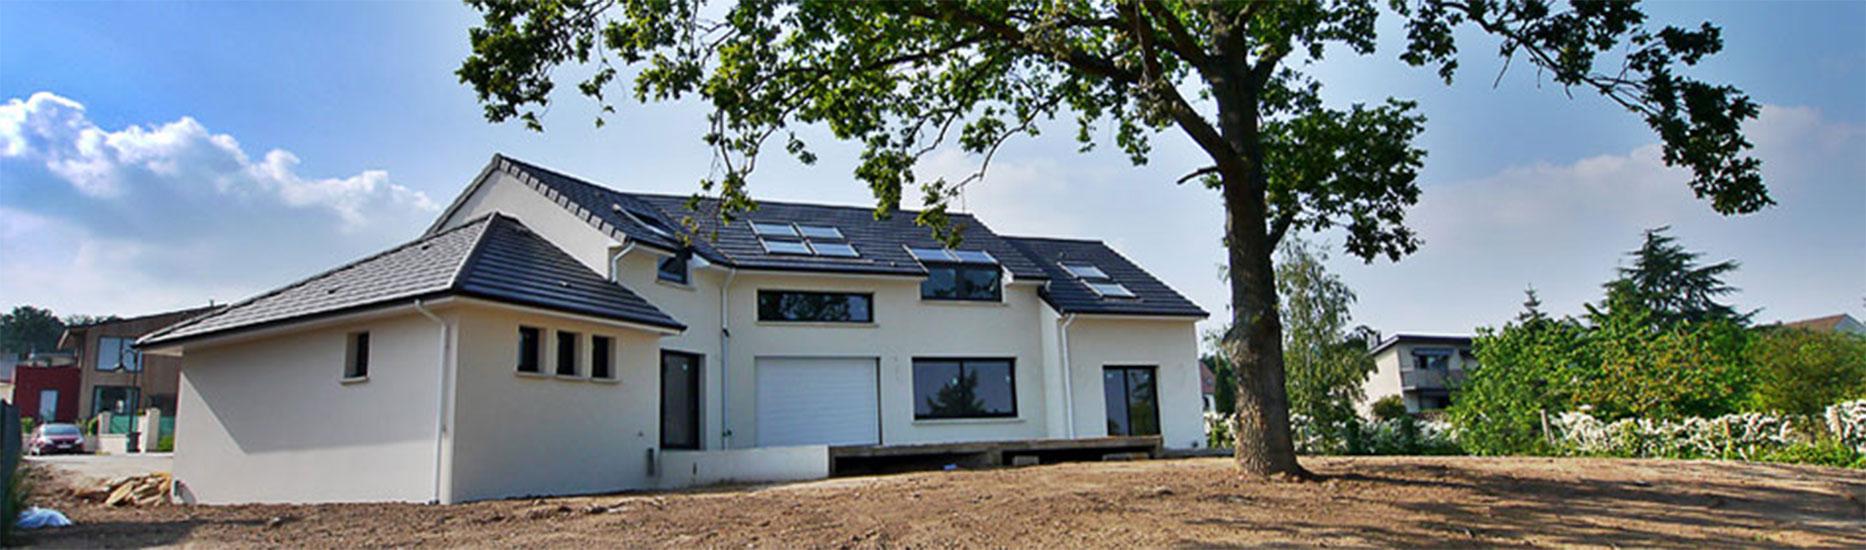 Maison design, bioclimatique, Verrières-le-Buisson, Essonne